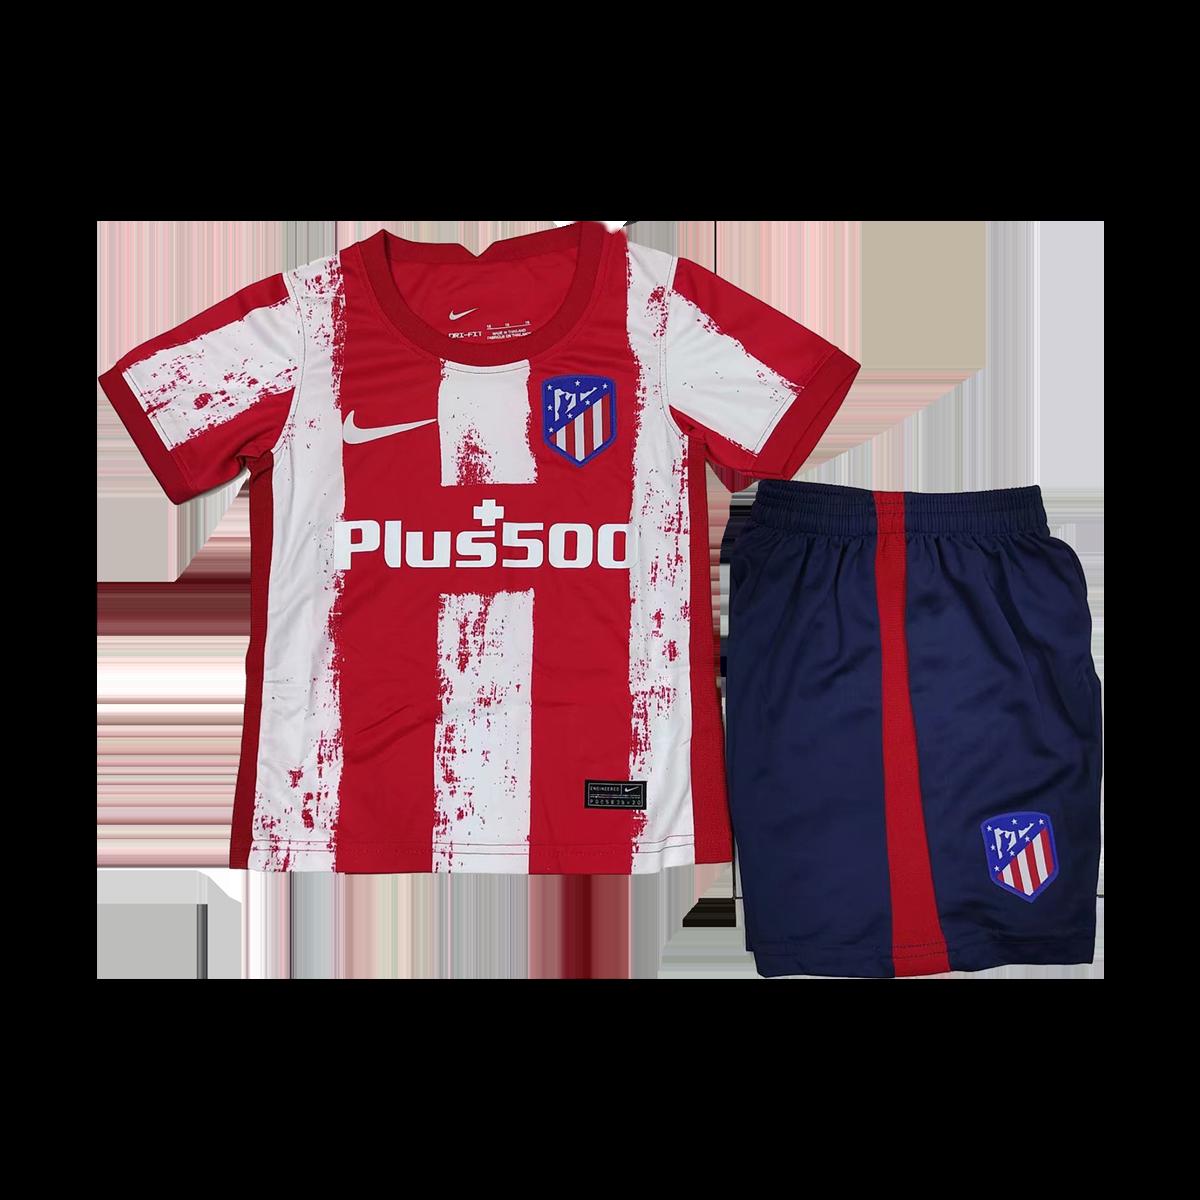 21/22 Atletico Madrid Home Kids Kit Red&White Children's Jerseys Kit(Shirt+Short)